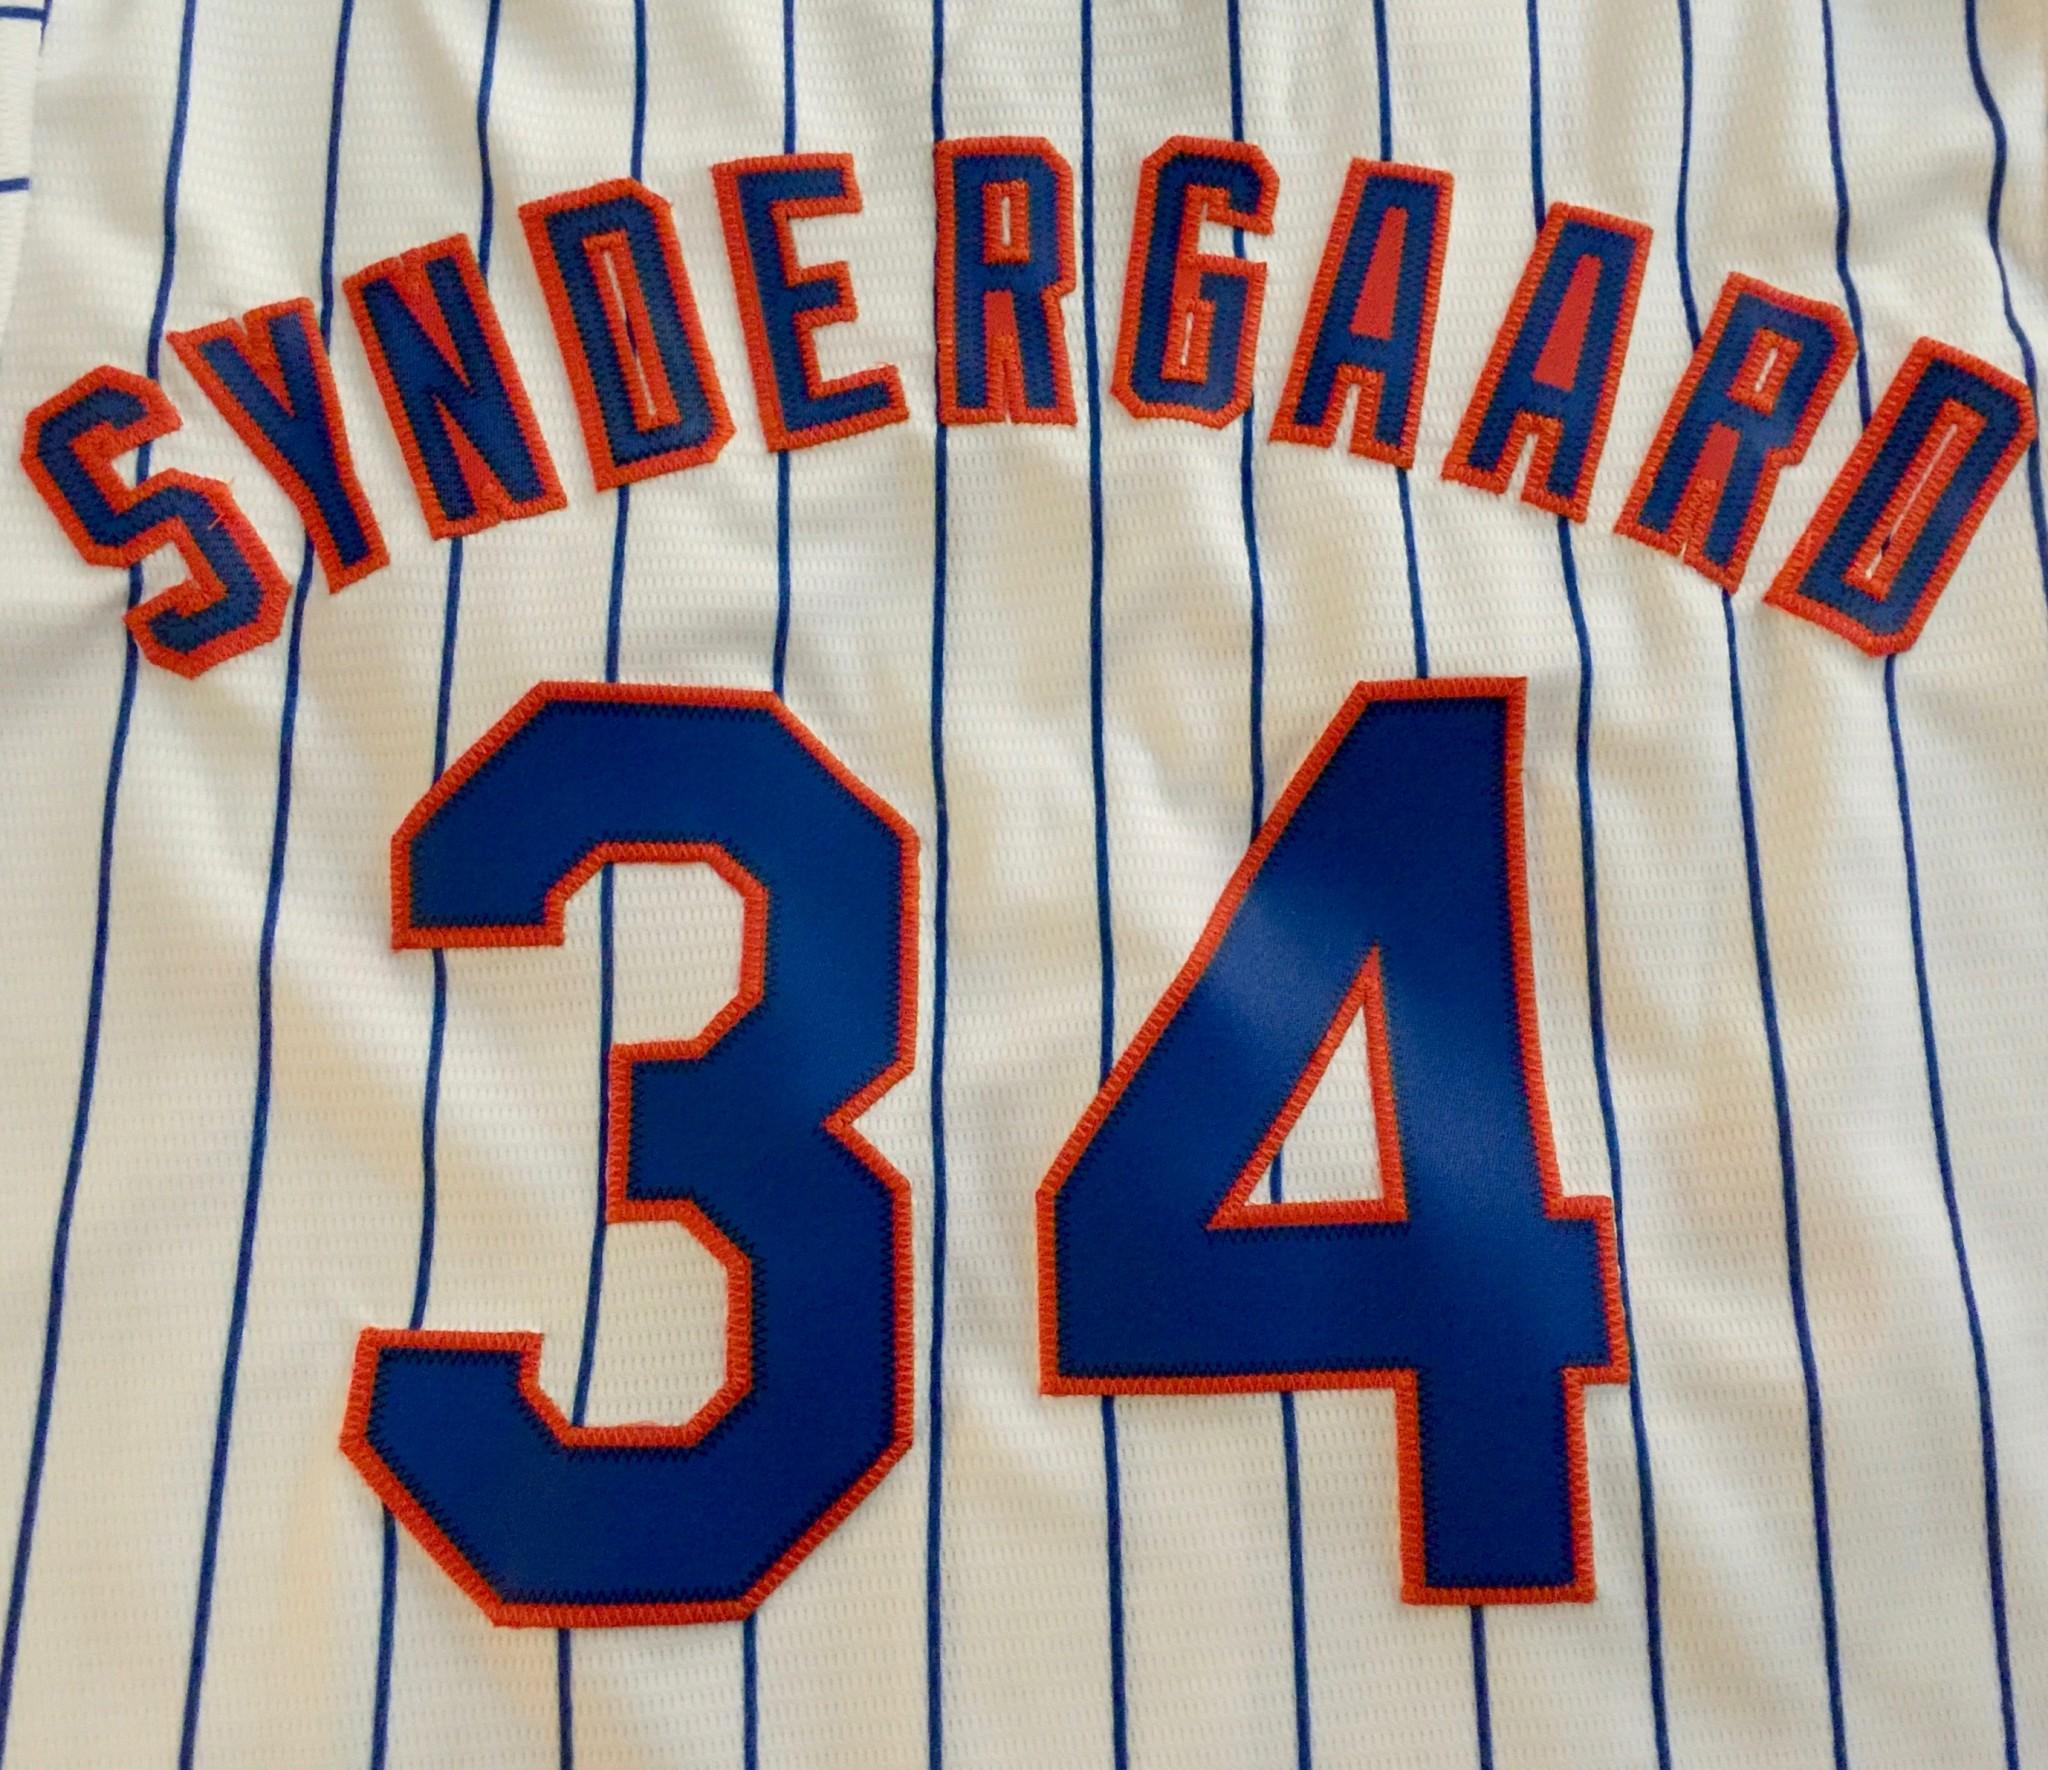 Mets Syndergaard Jersey